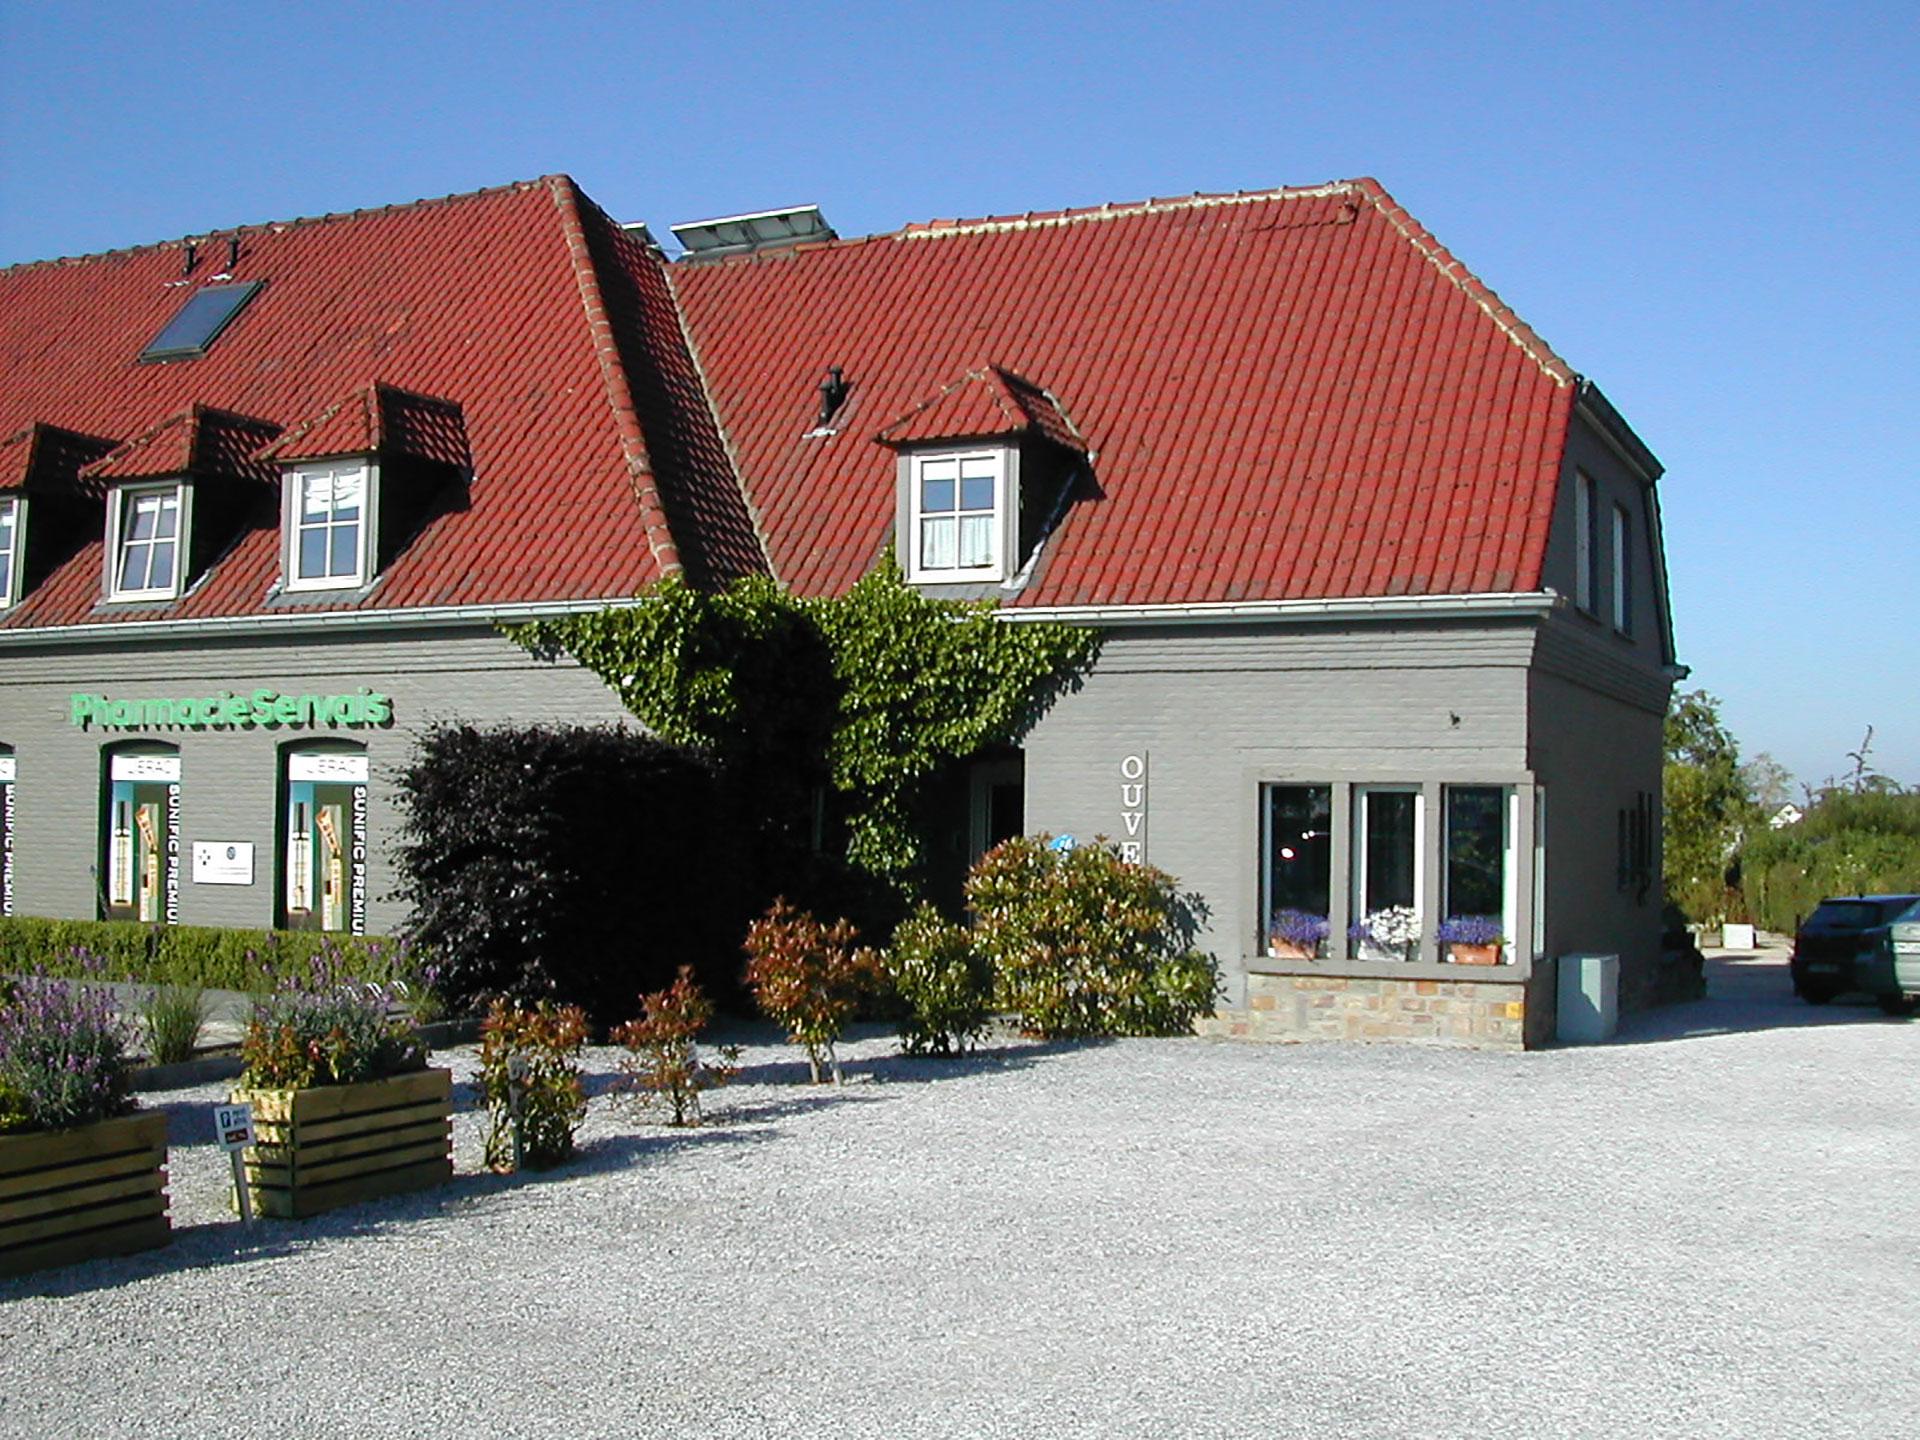 Hôtel Piano2 - Hôtel en Wallonie - façade